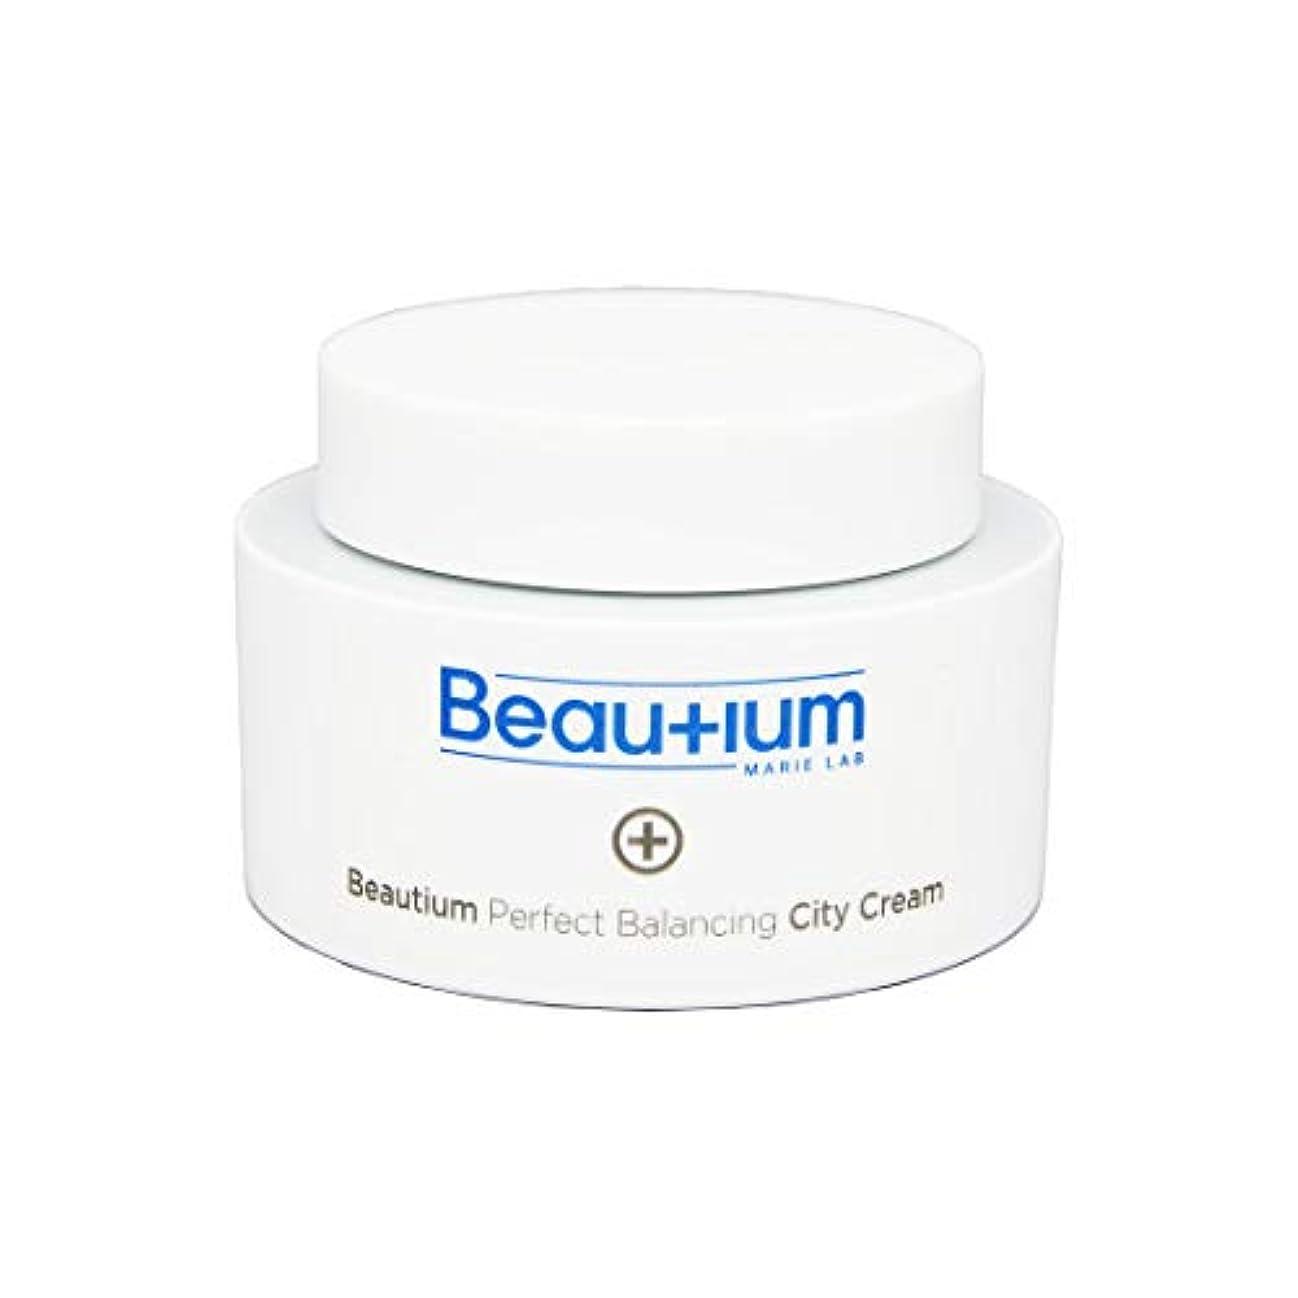 球体わかりやすいダッシュ[Beautium] 完璧な平衡都会クリーム50g白化 & 防しわ用デュアル機能化粧品 ??? ??? ?? ??